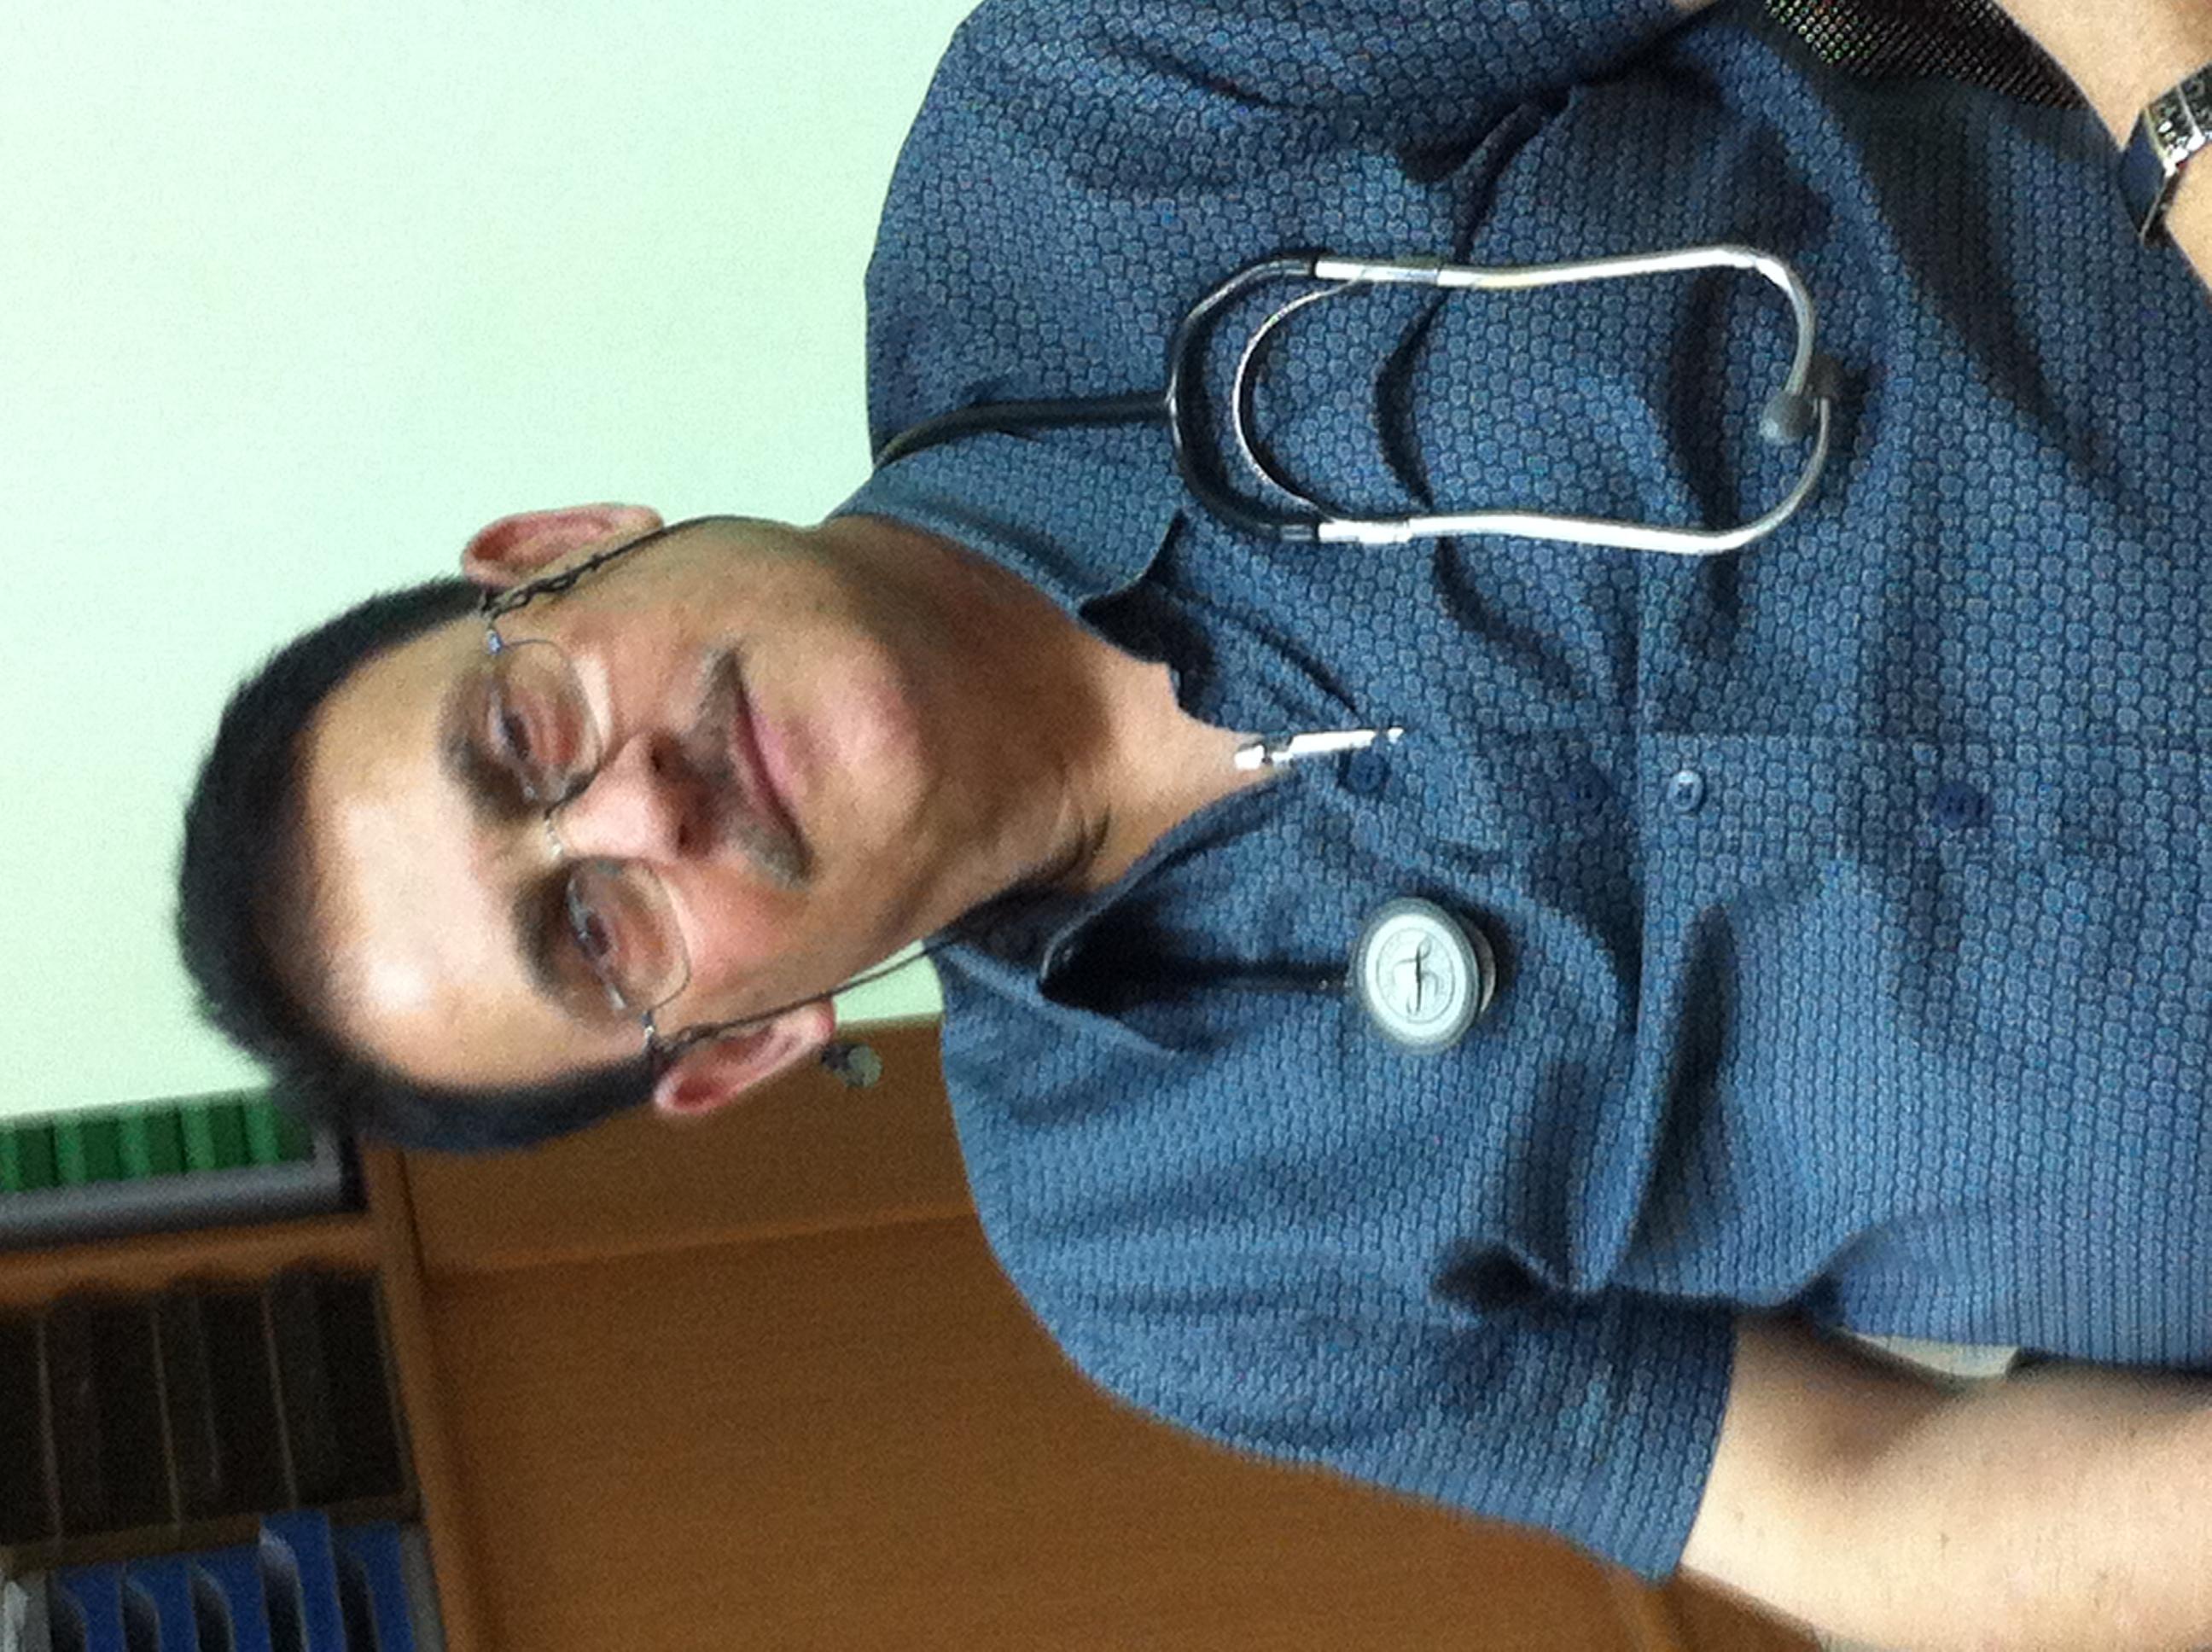 דוקטור עדנאן גבן - תמונת פרופיל